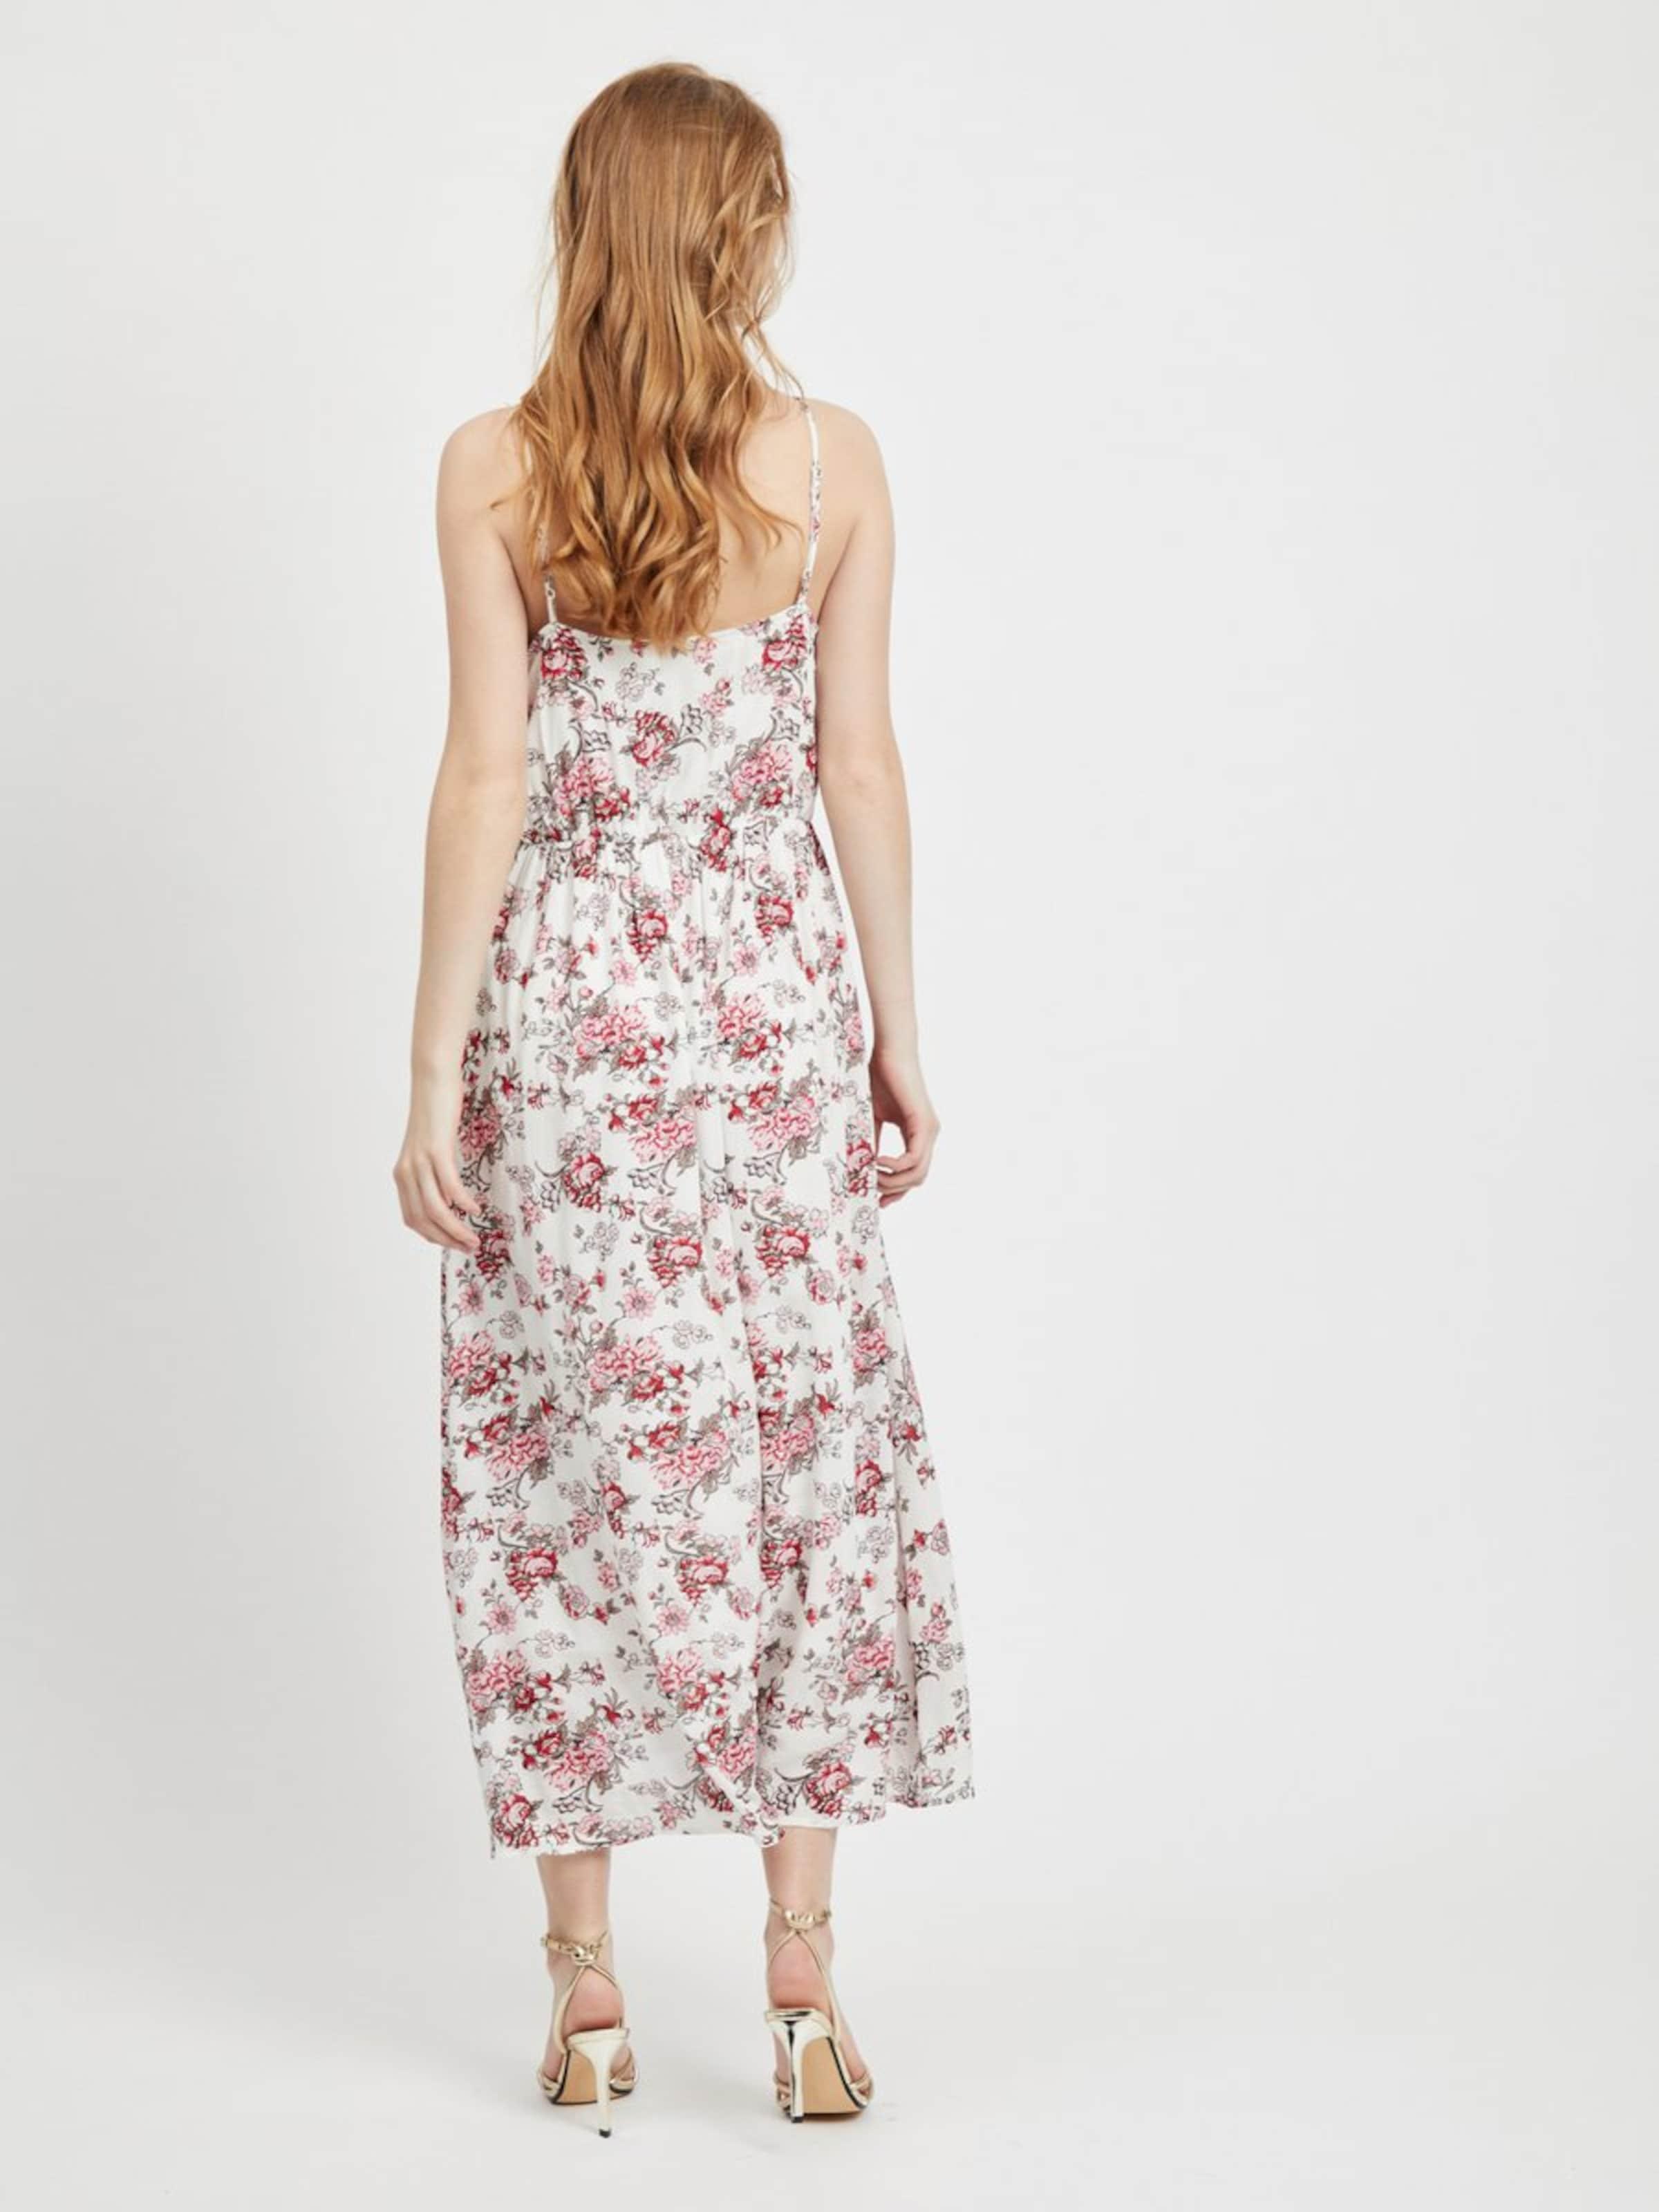 In Vila In Kleid Vila Kleid Kleid MischfarbenWeiß Vila Vila MischfarbenWeiß Kleid MischfarbenWeiß In YD9H2IbeWE